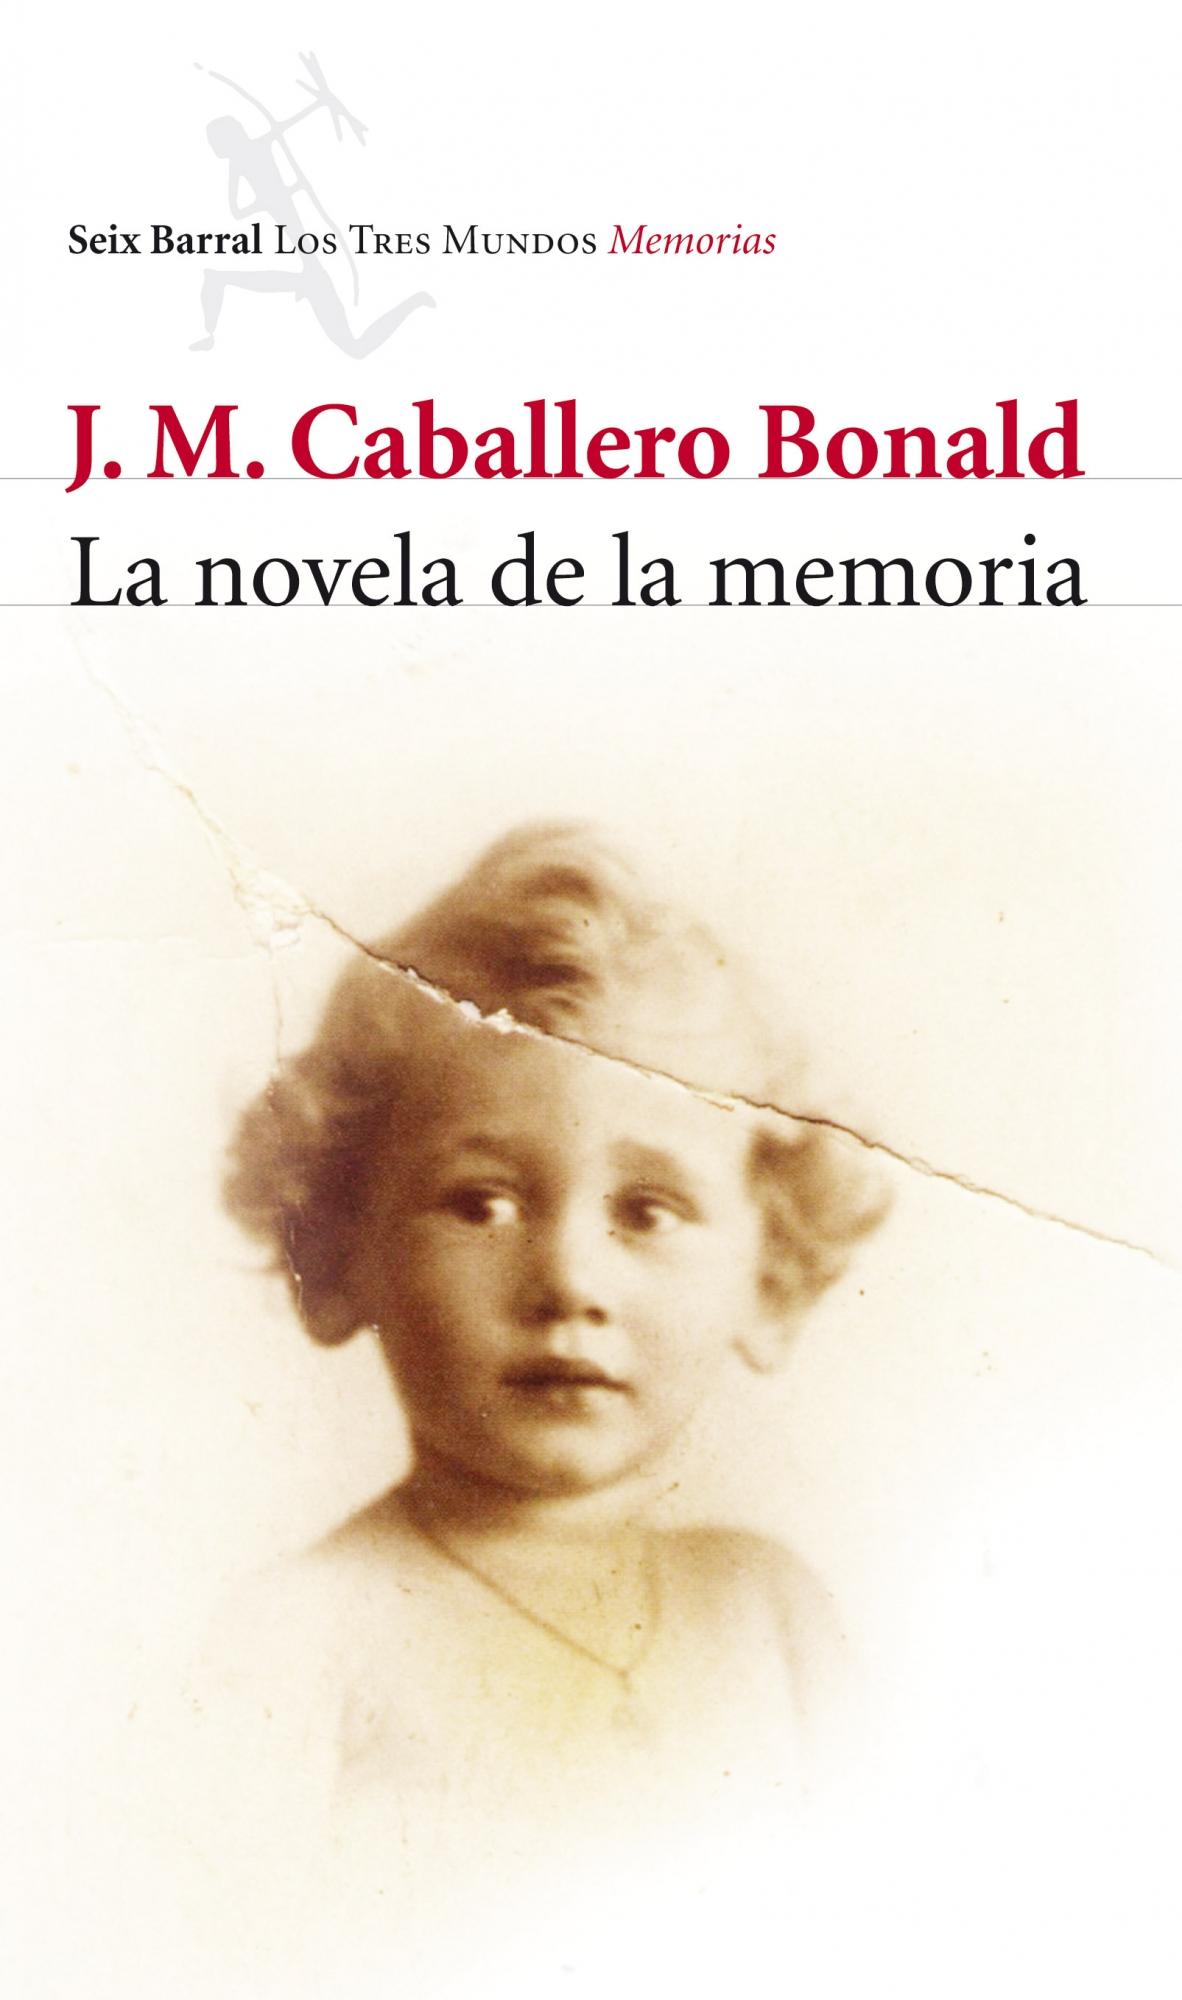 La Novela De La Memoria por Jose Manuel Caballero Bonald